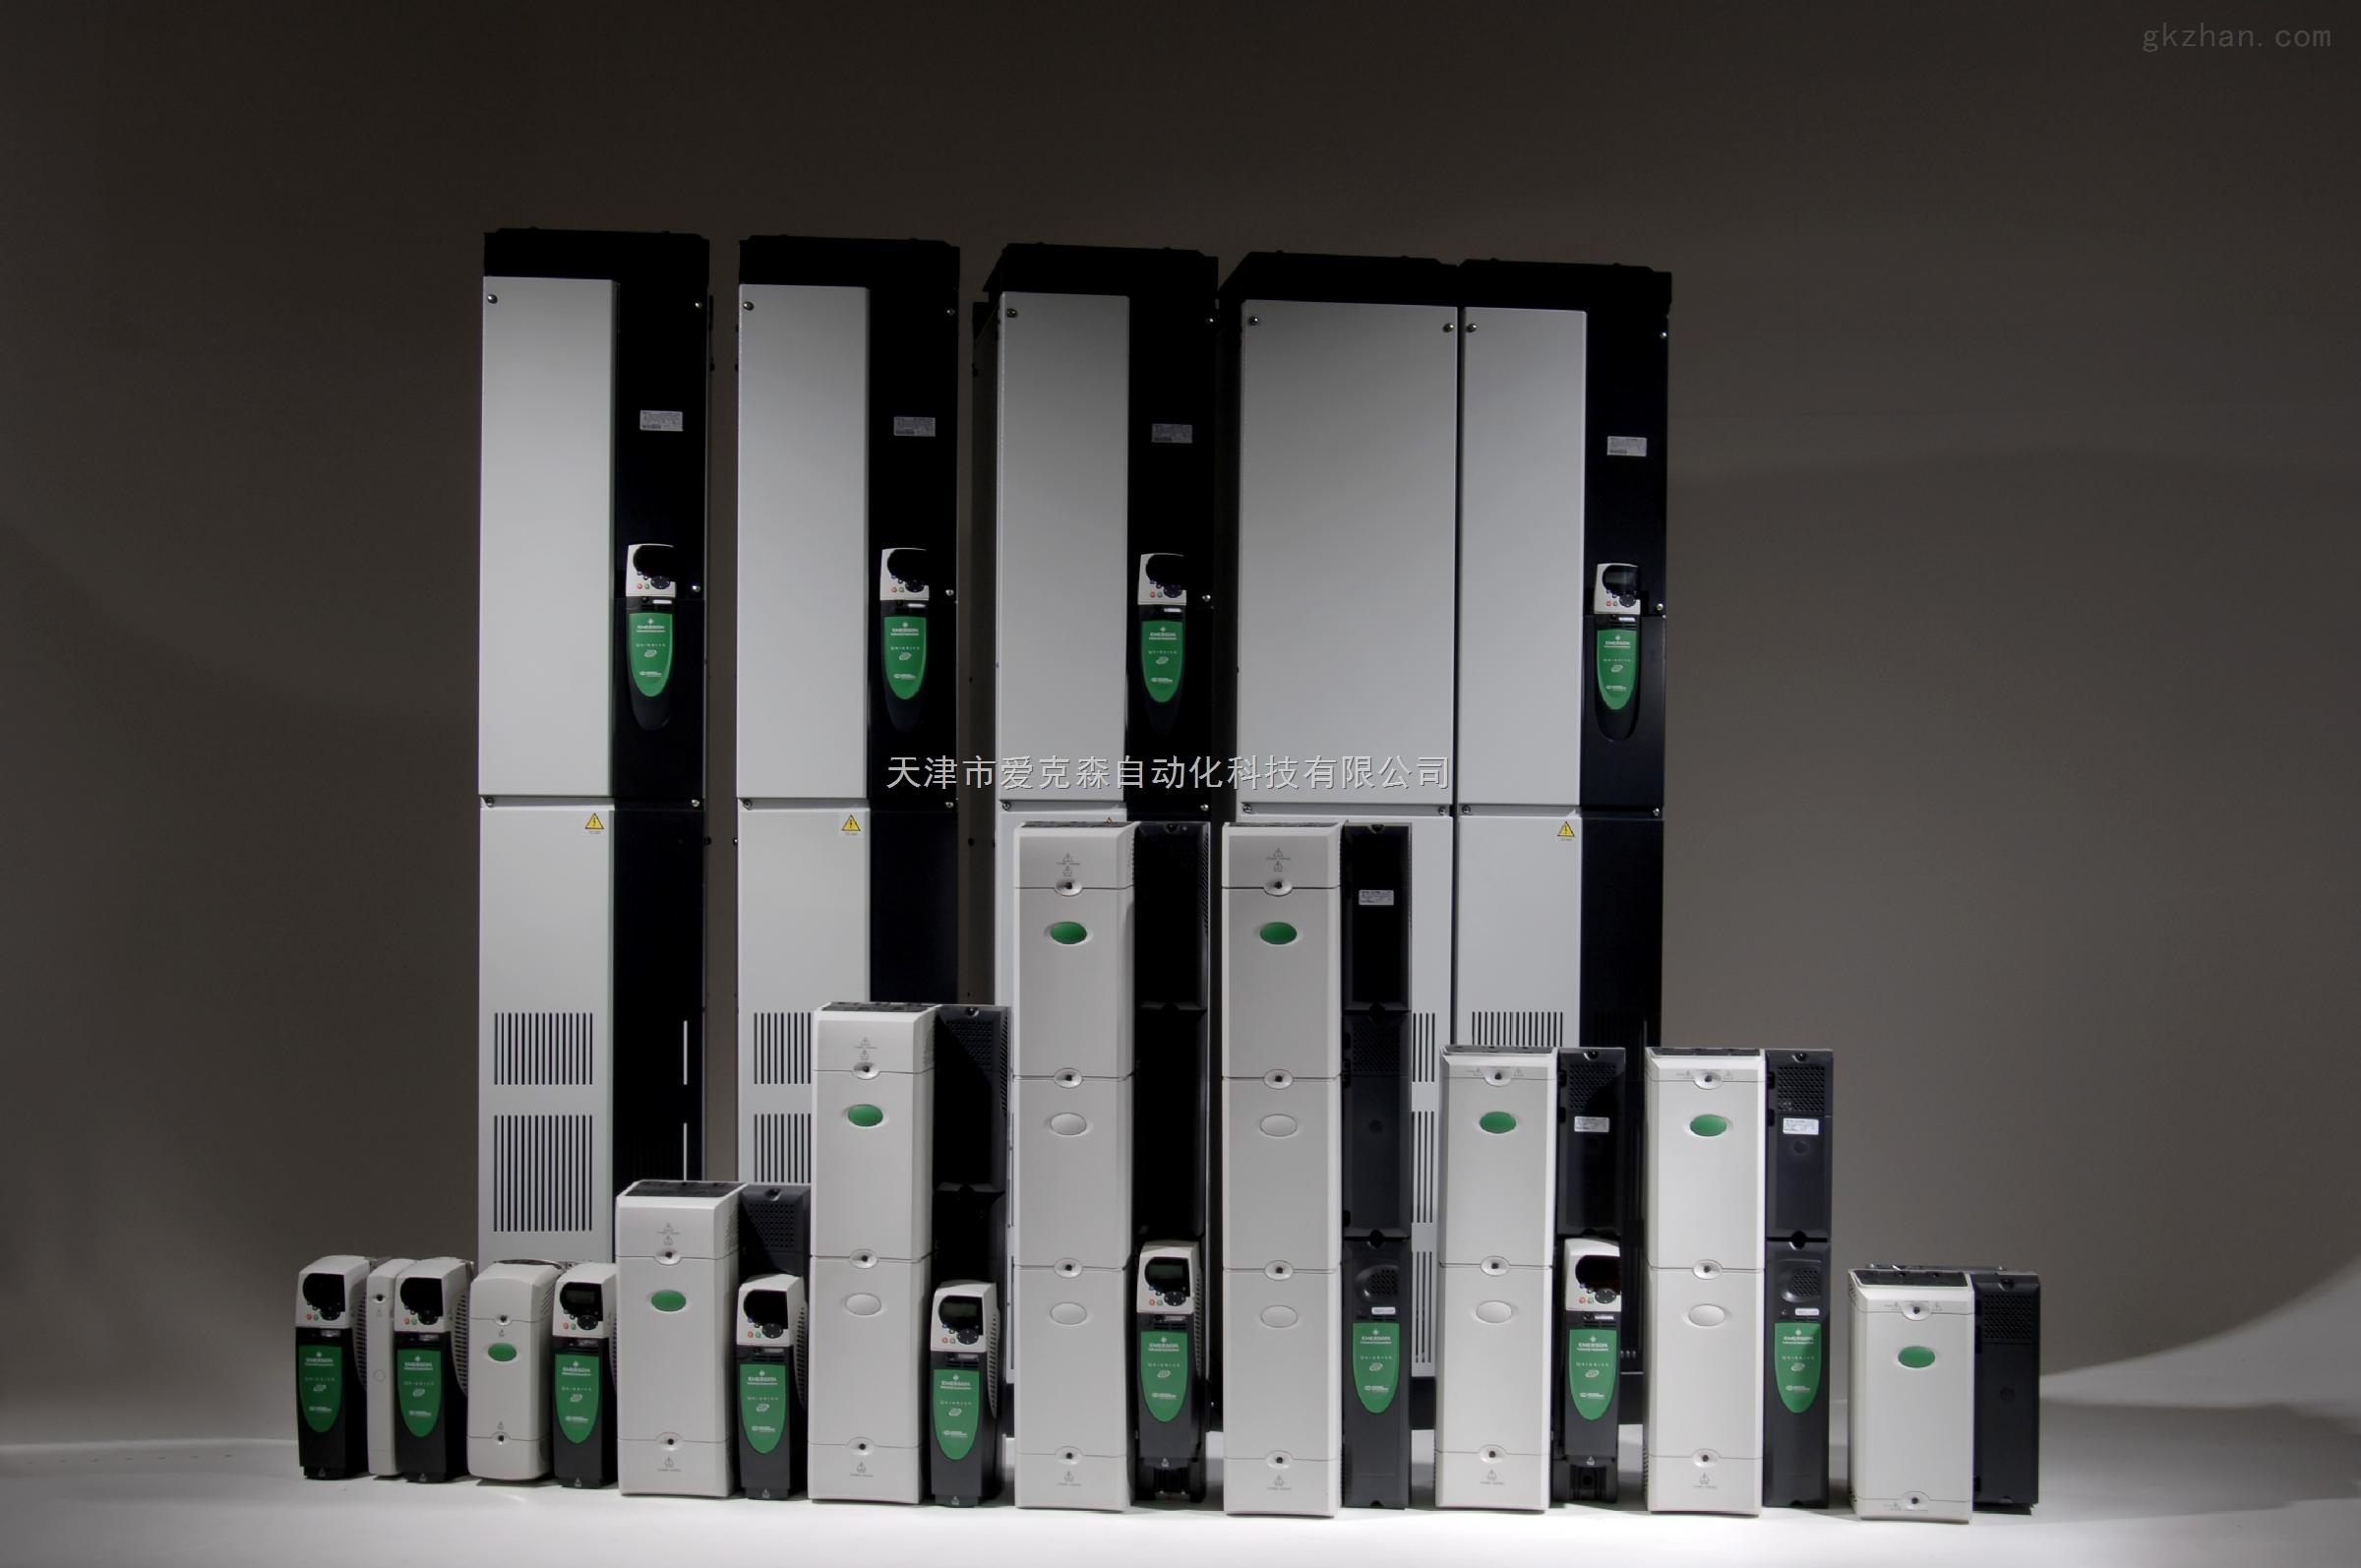 ev3000-4t2000g-艾默生变频器-天津市爱克森自动化